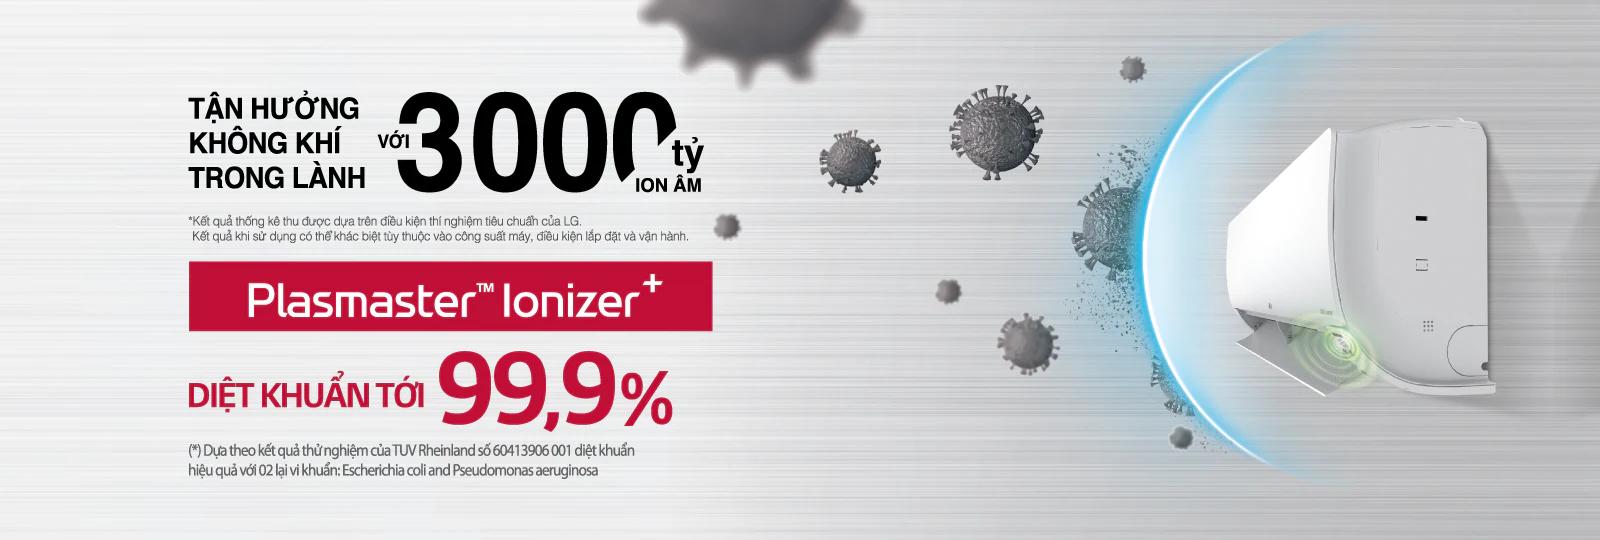 Công nghệ Plasmaster Ionizer nổi bật của máy lạnh LG UV Nano